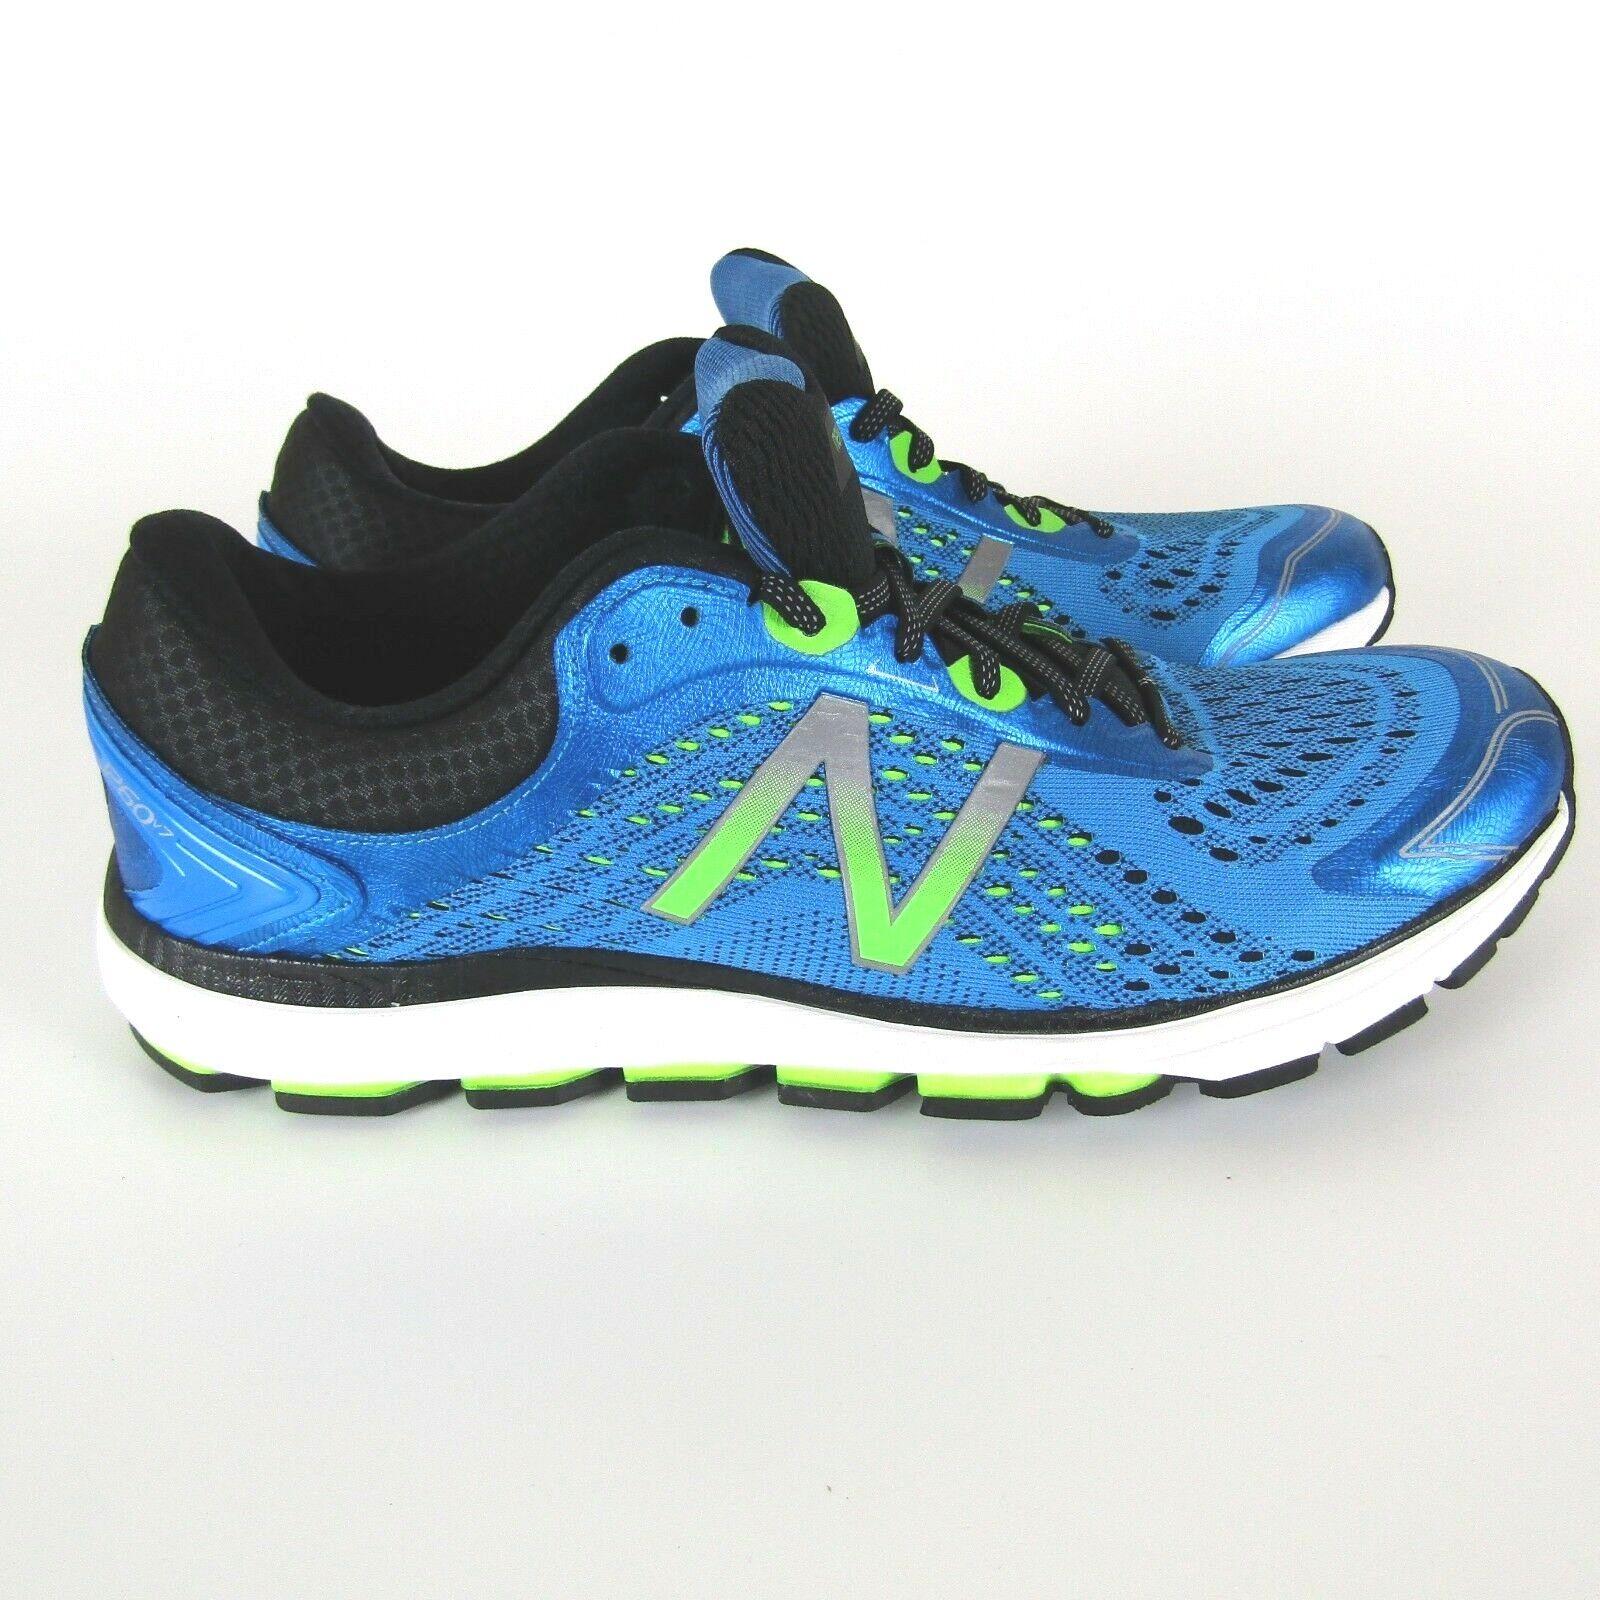 New Balance 1260v7 Men's 12.5 2E Wide bluee Running Cross Training shoes M1260BG7